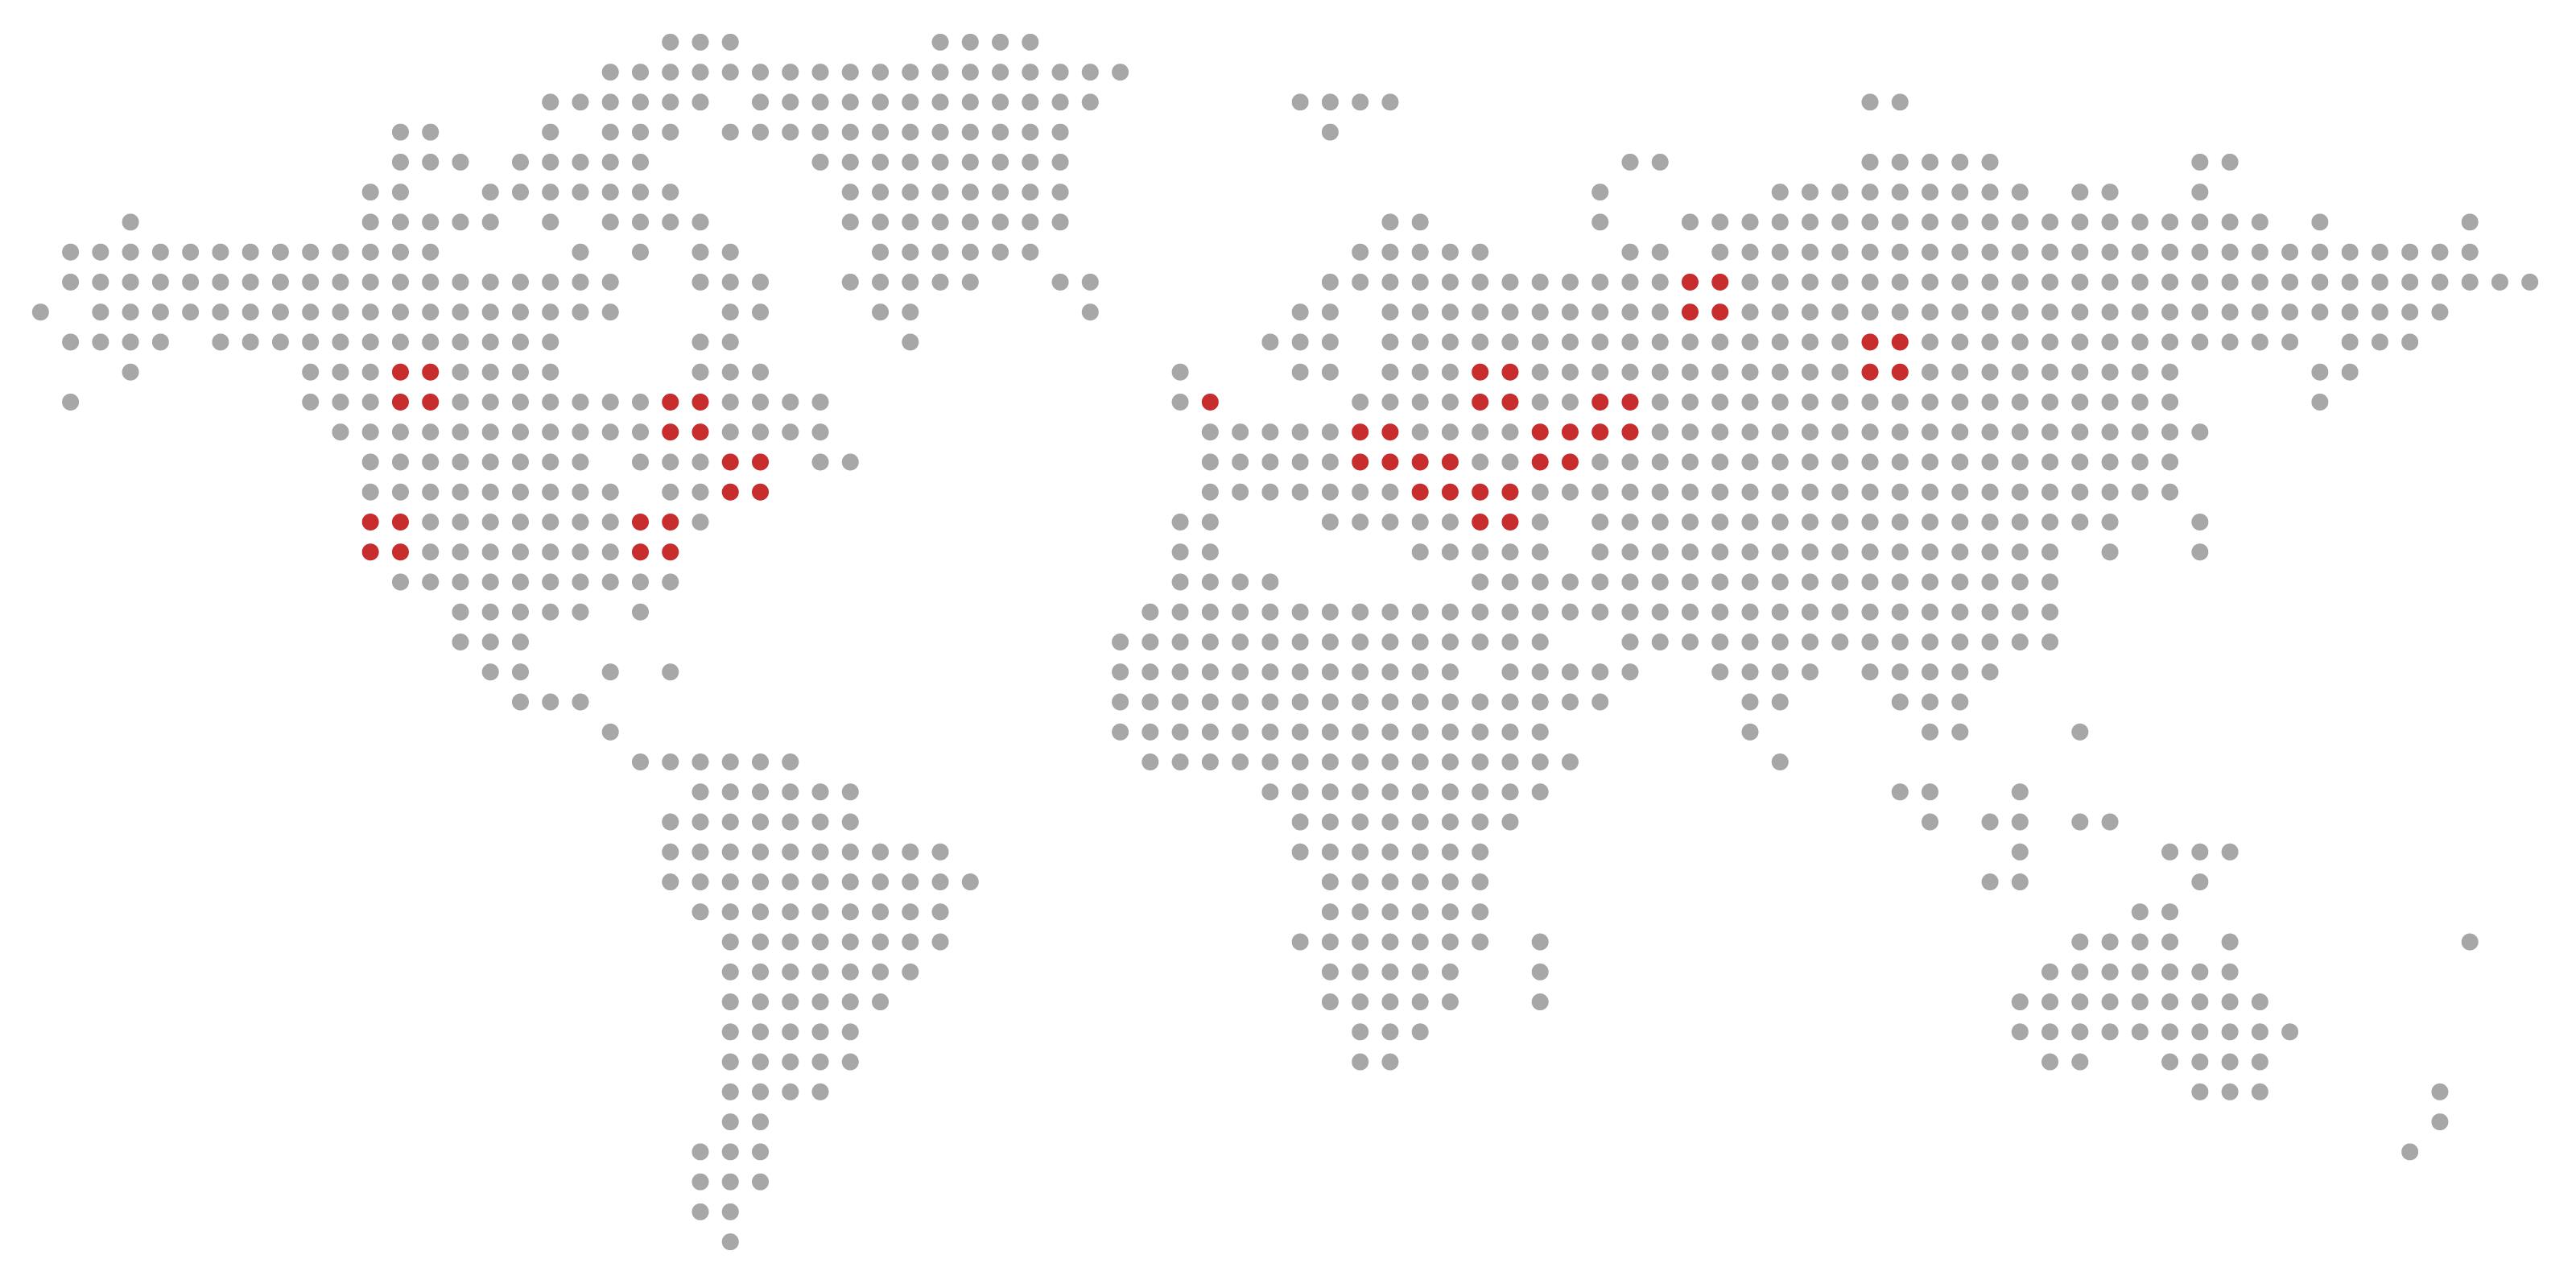 Fighter Jet Flight Locations